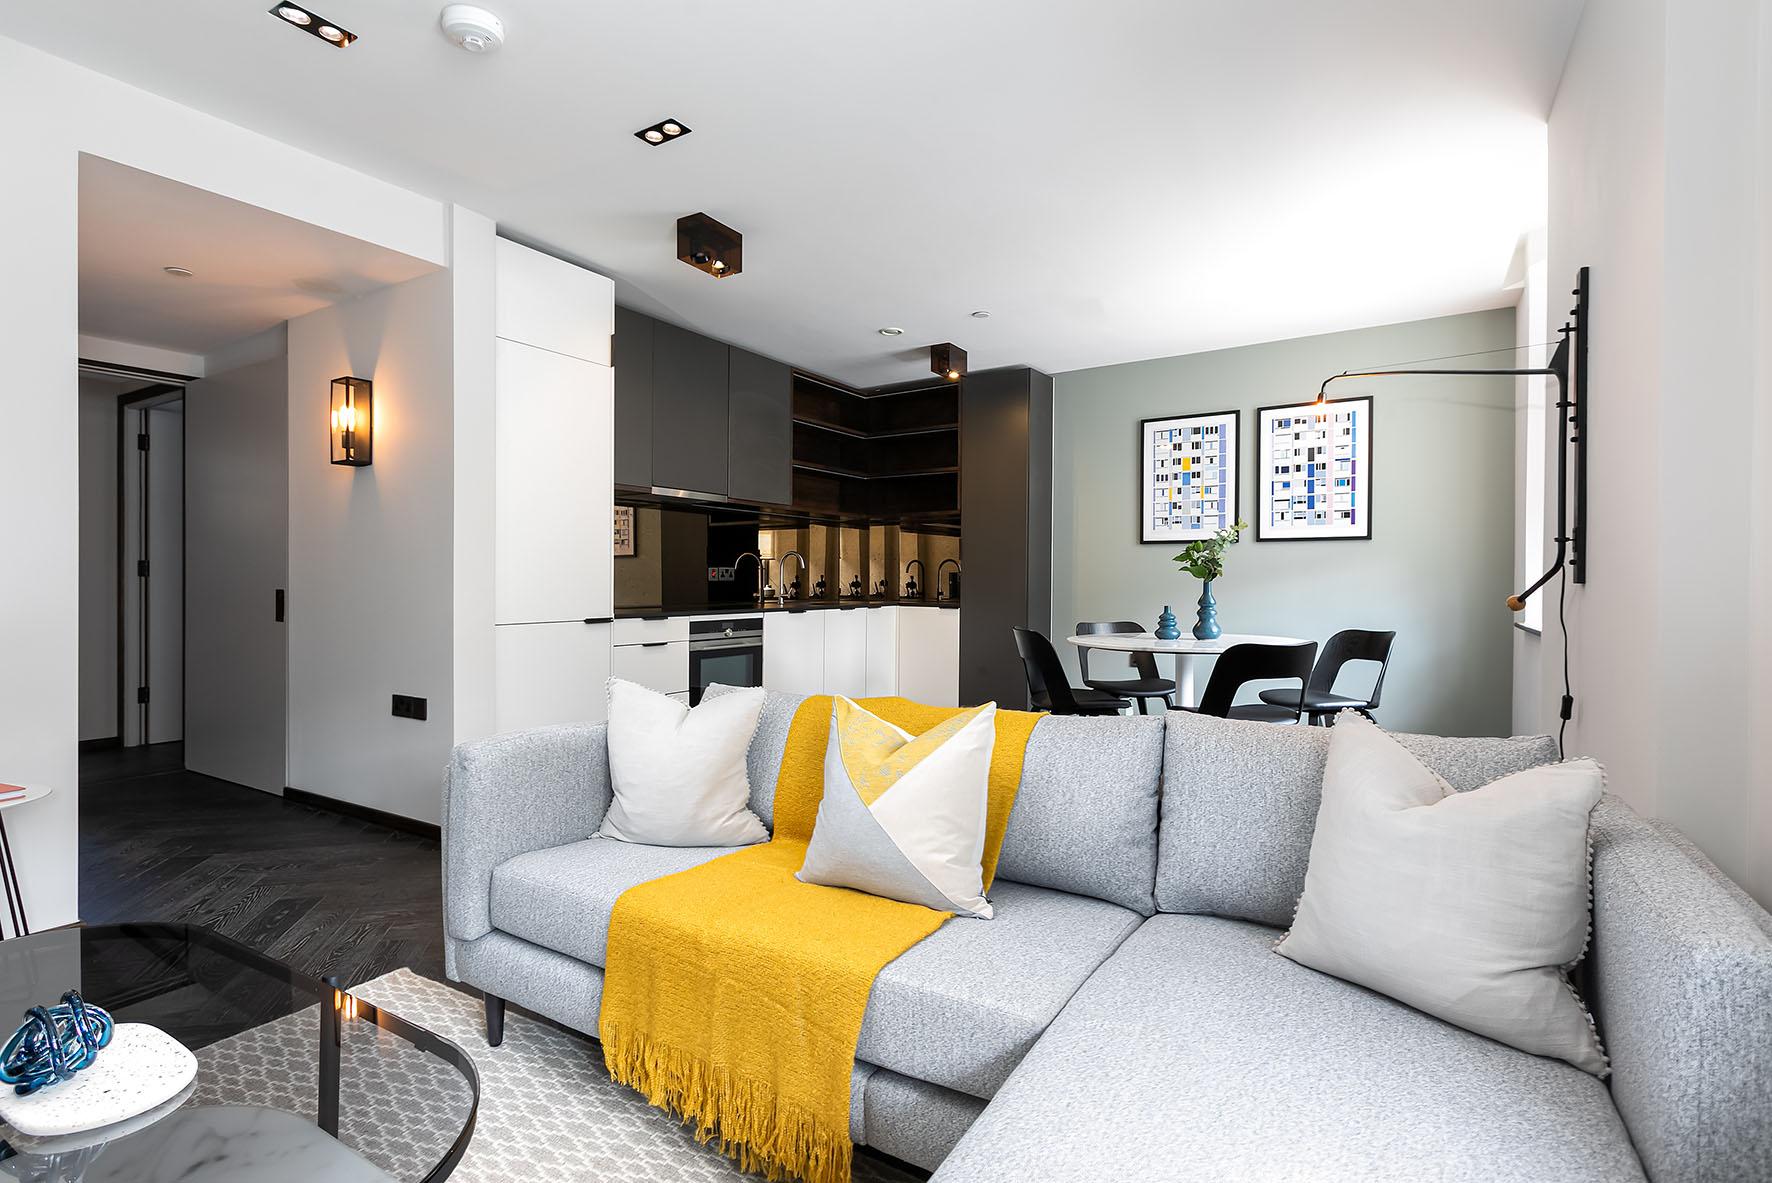 Lovelydays luxury service apartment rental - London - Soho - Oxford Street V - Lovelysuite - 1 bedrooms - 1 bathrooms - Luxury living room - afb73e20db7d - Lovelydays